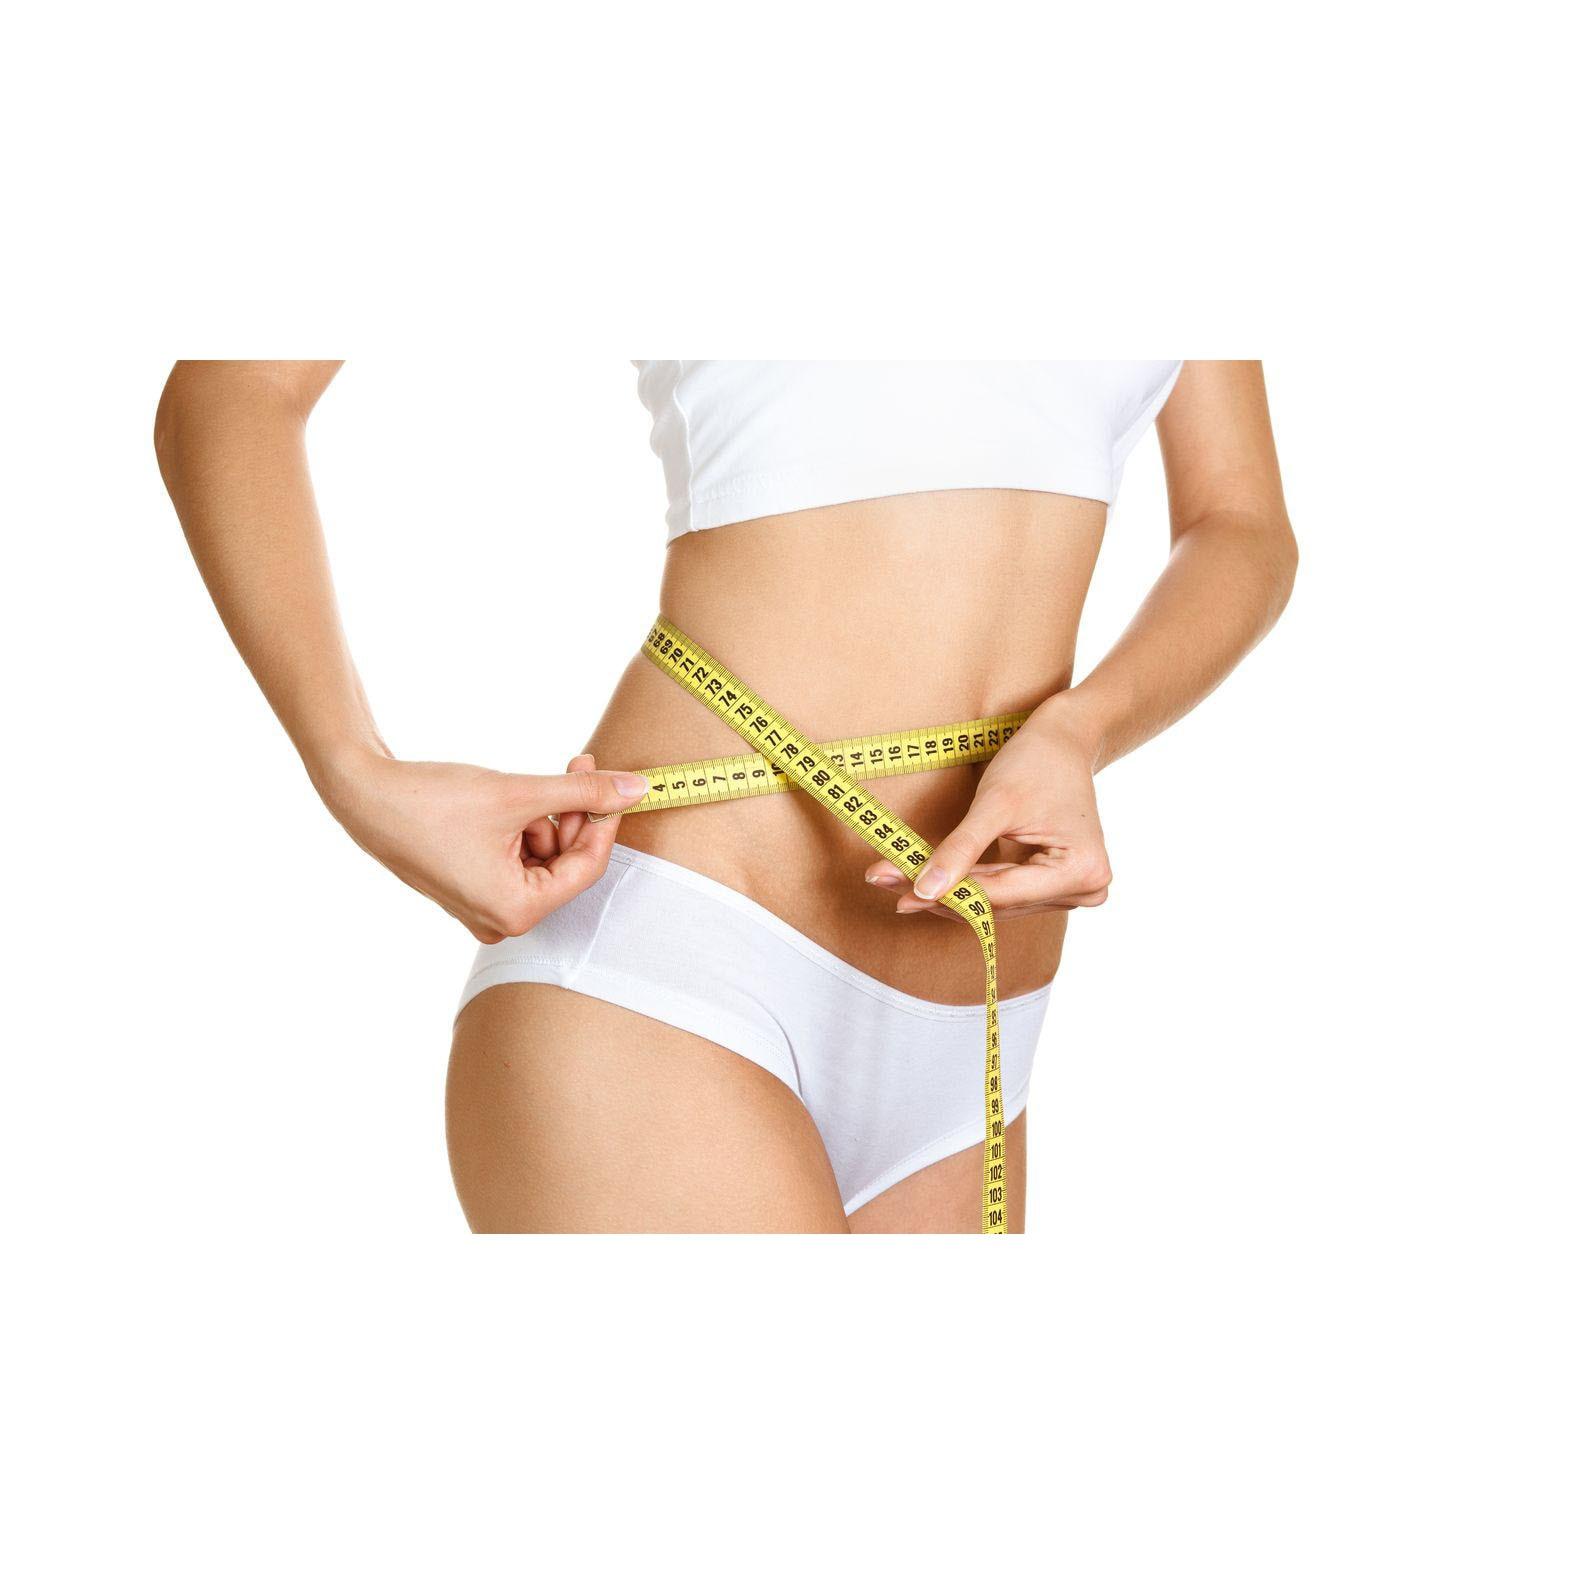 pierdere în greutate corporală